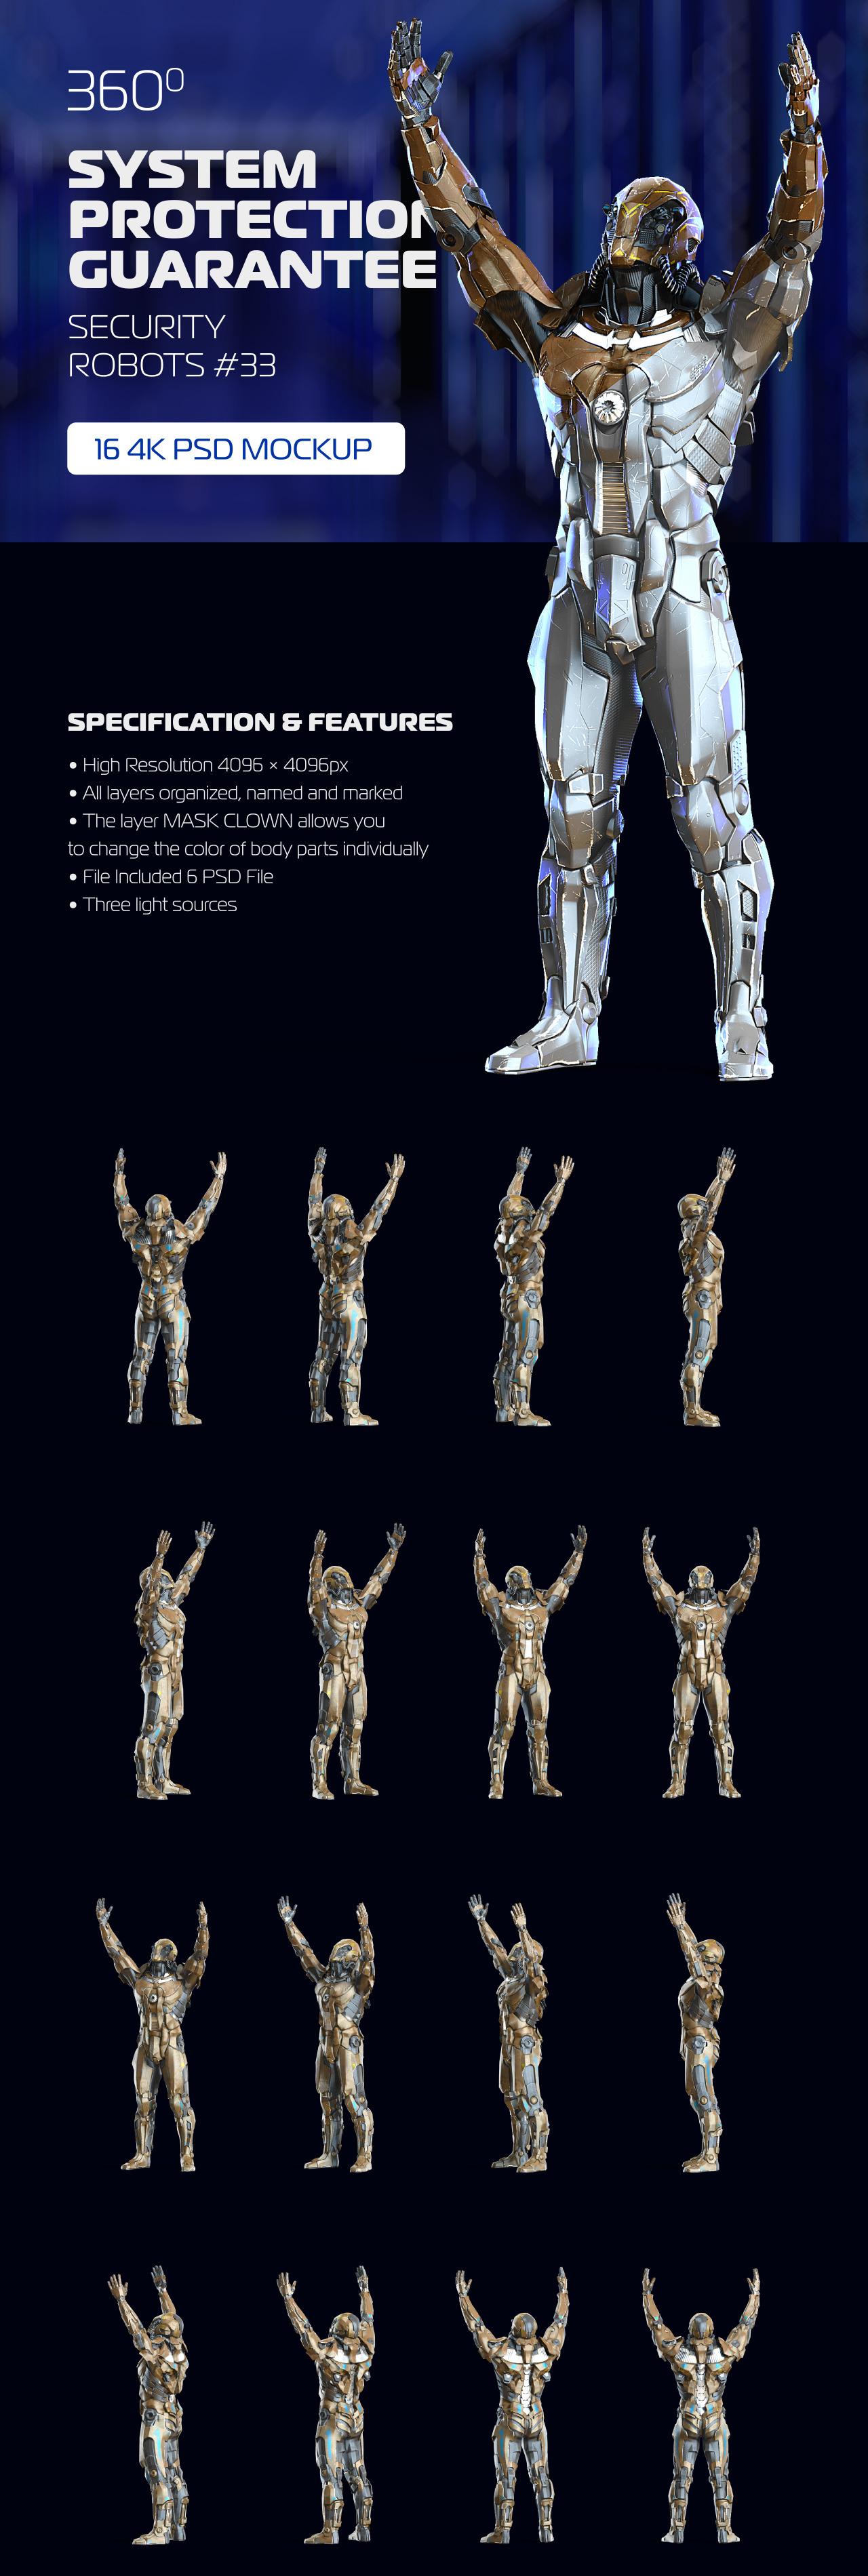 3D Mockup Security Robots #33